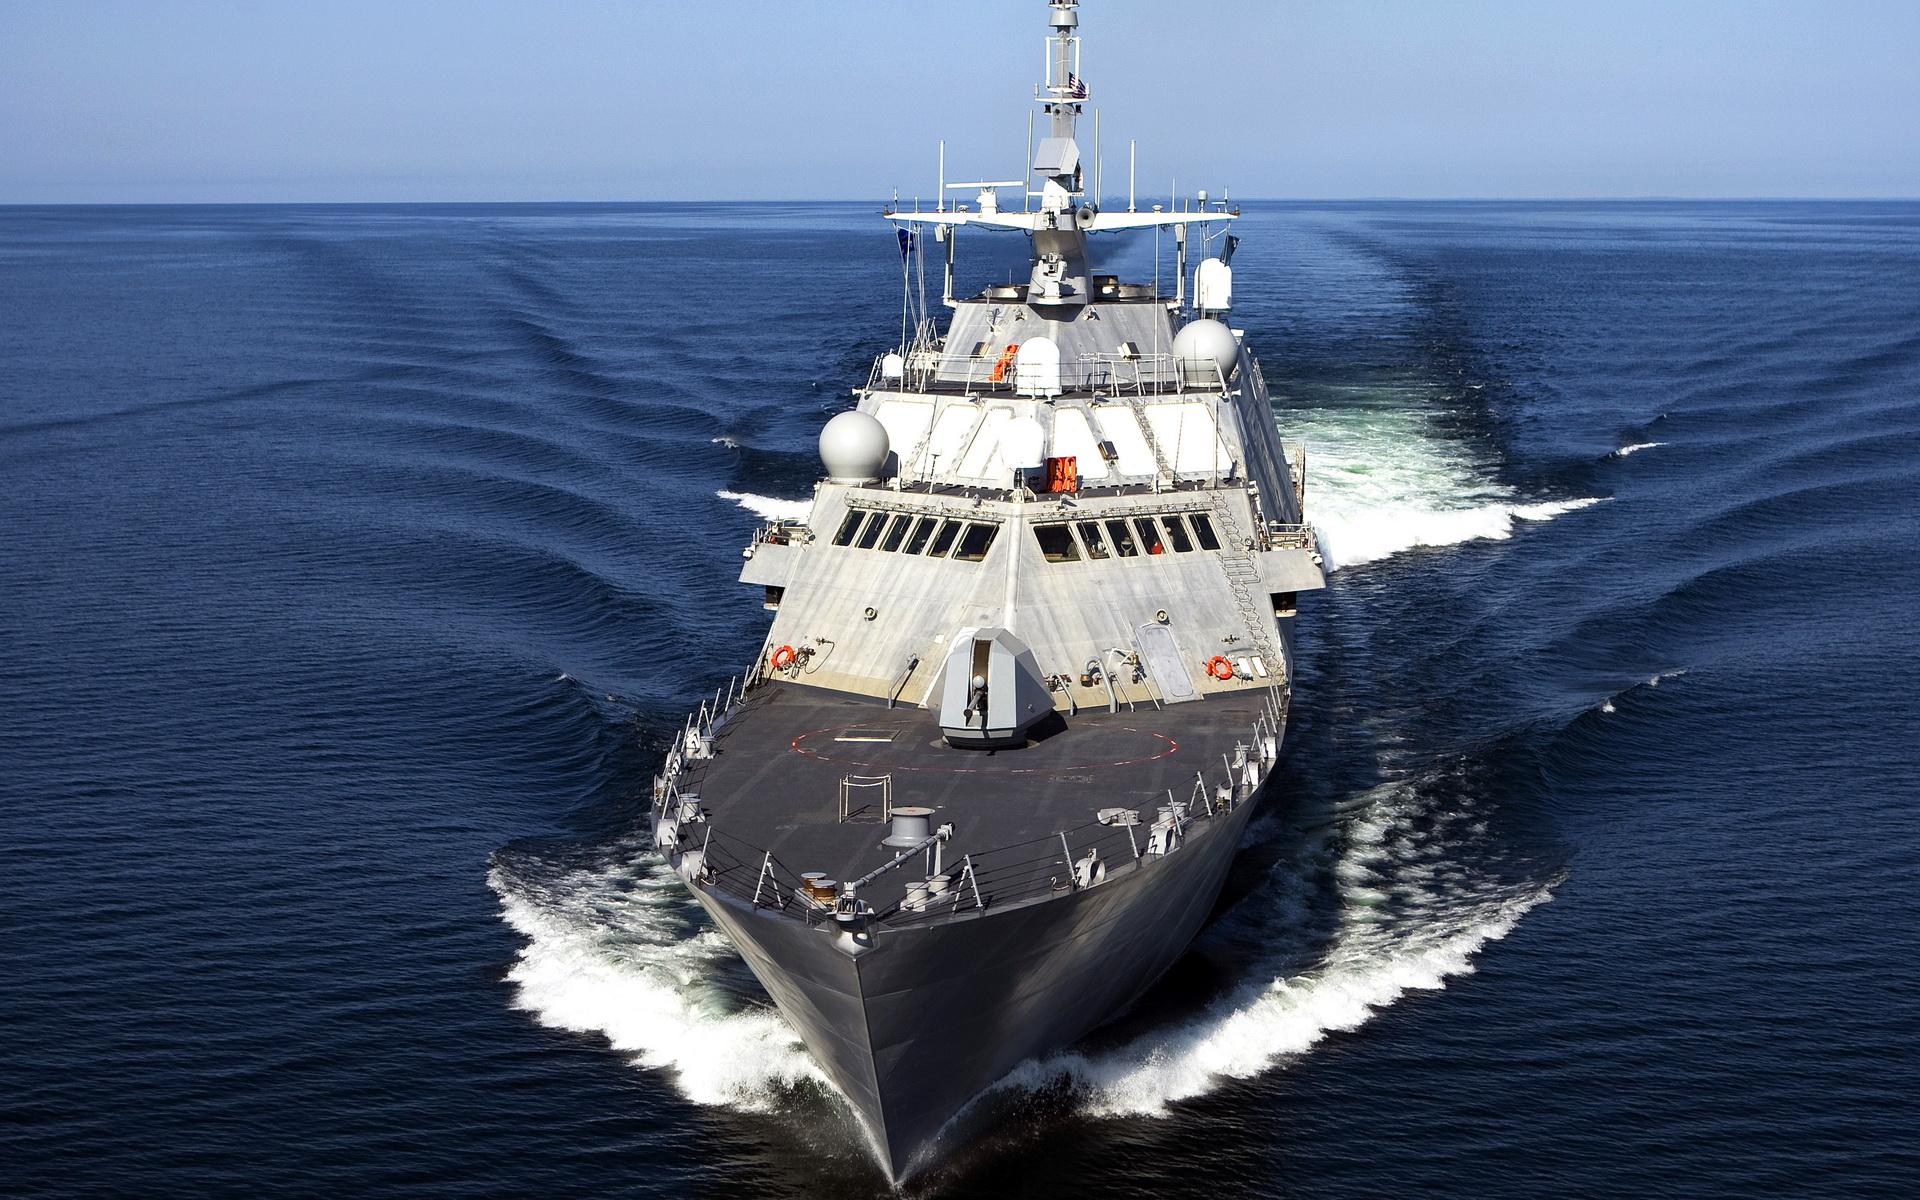 Фрегат, большой корабль в море, волны, корабли, обои